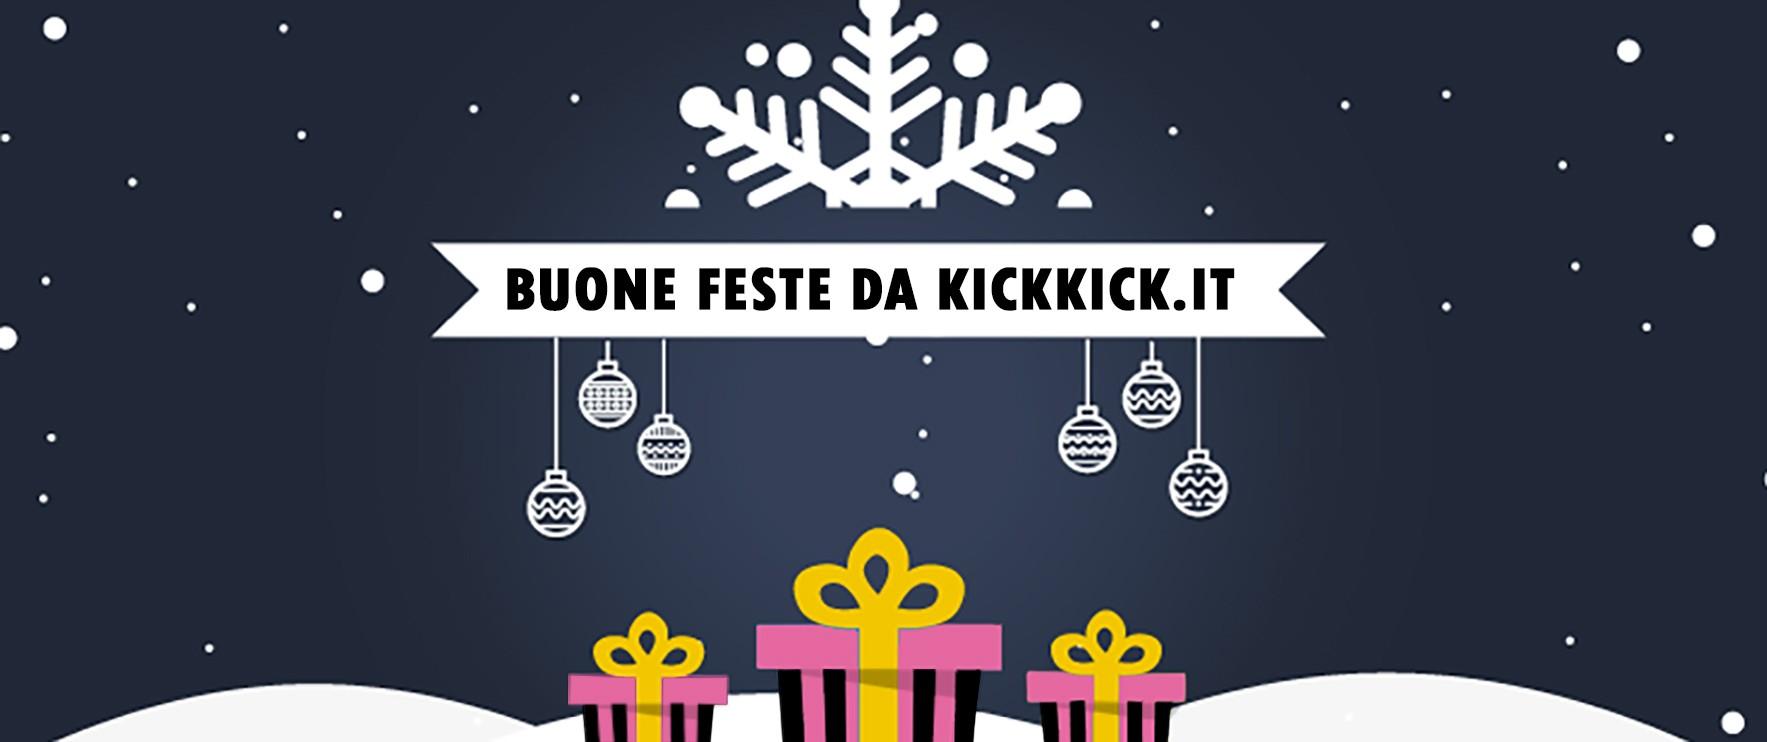 Buone Feste da Kickkick.it